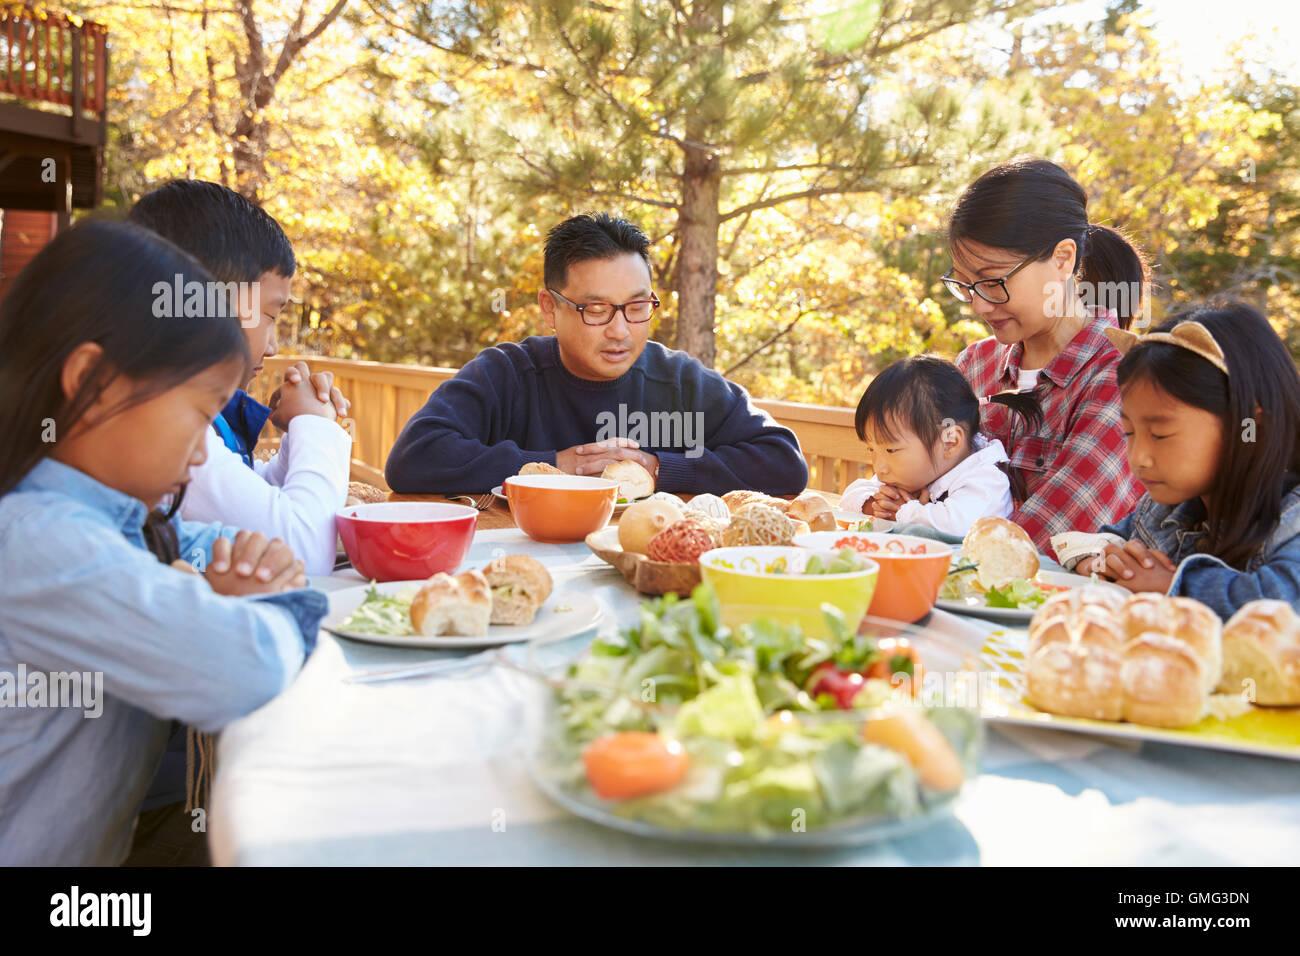 Asian prayer eating